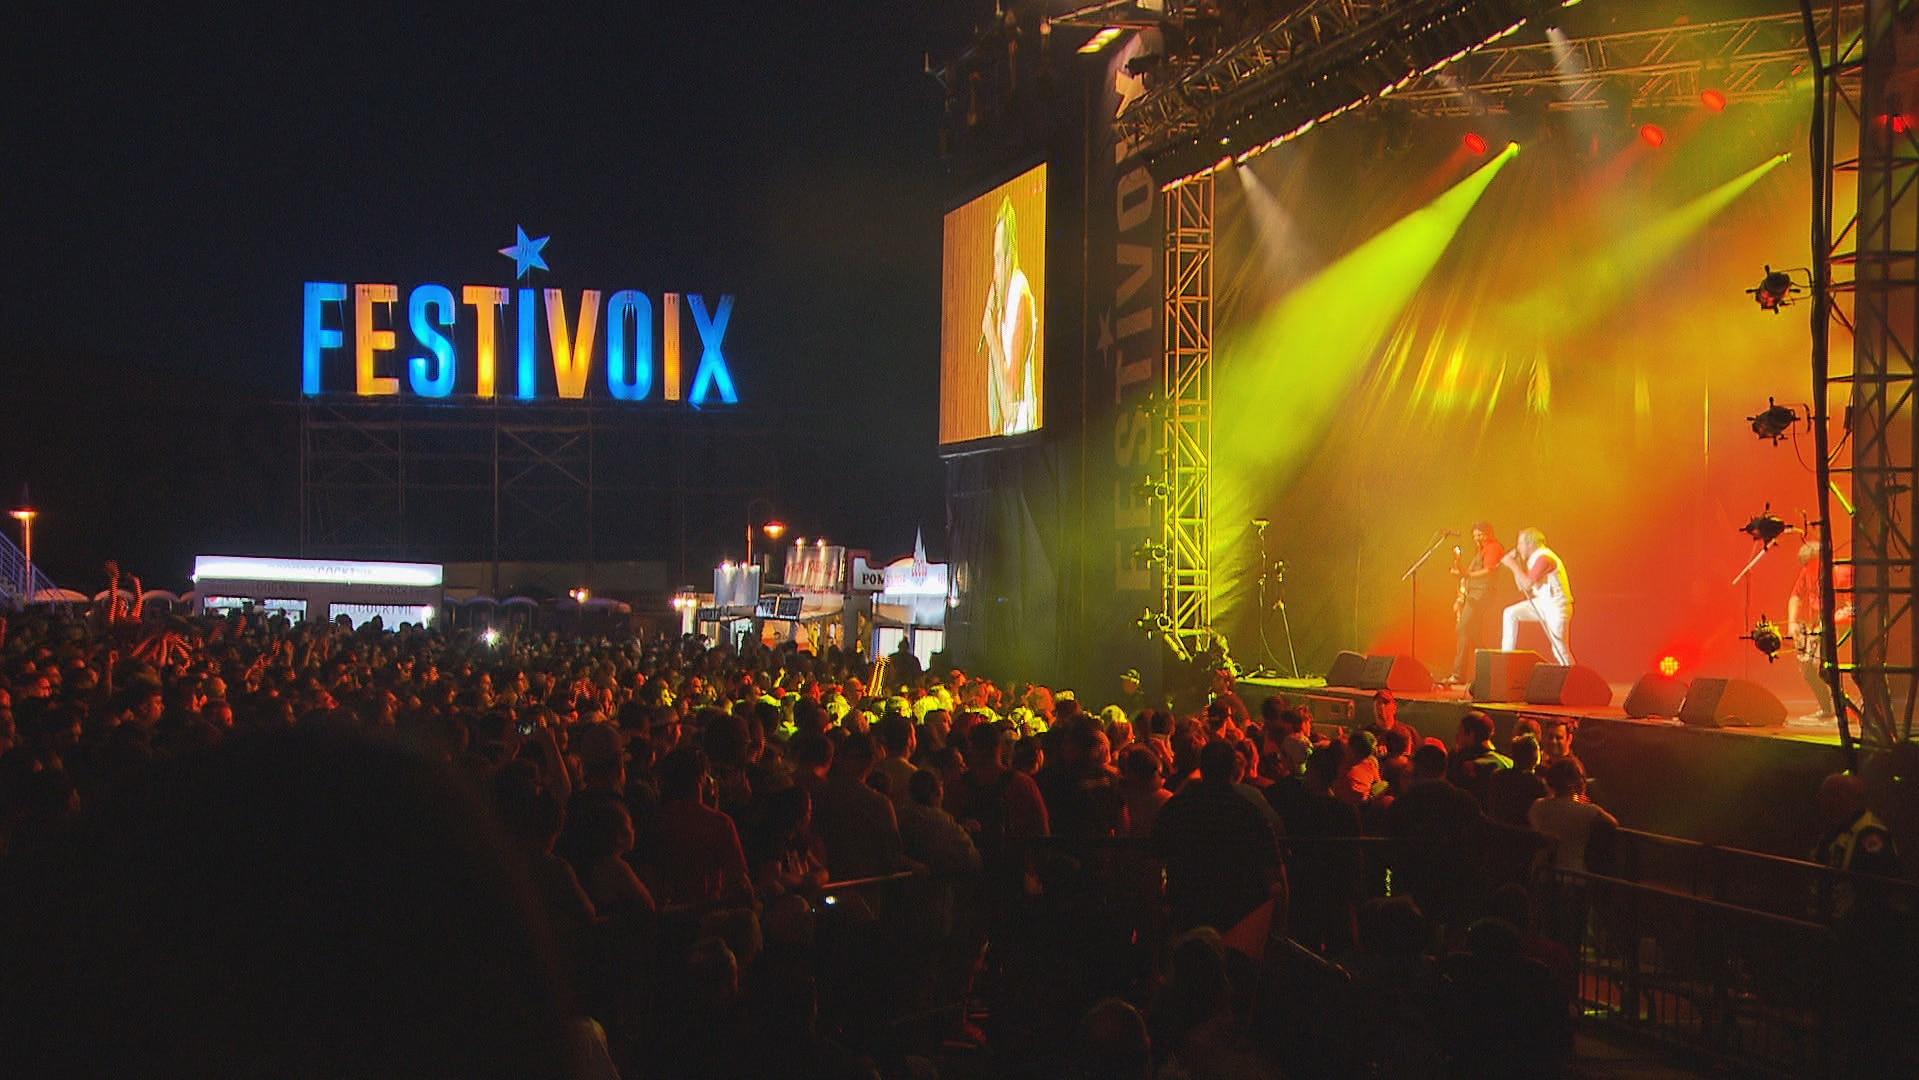 Connaissez-vous bien votre Festivoix?